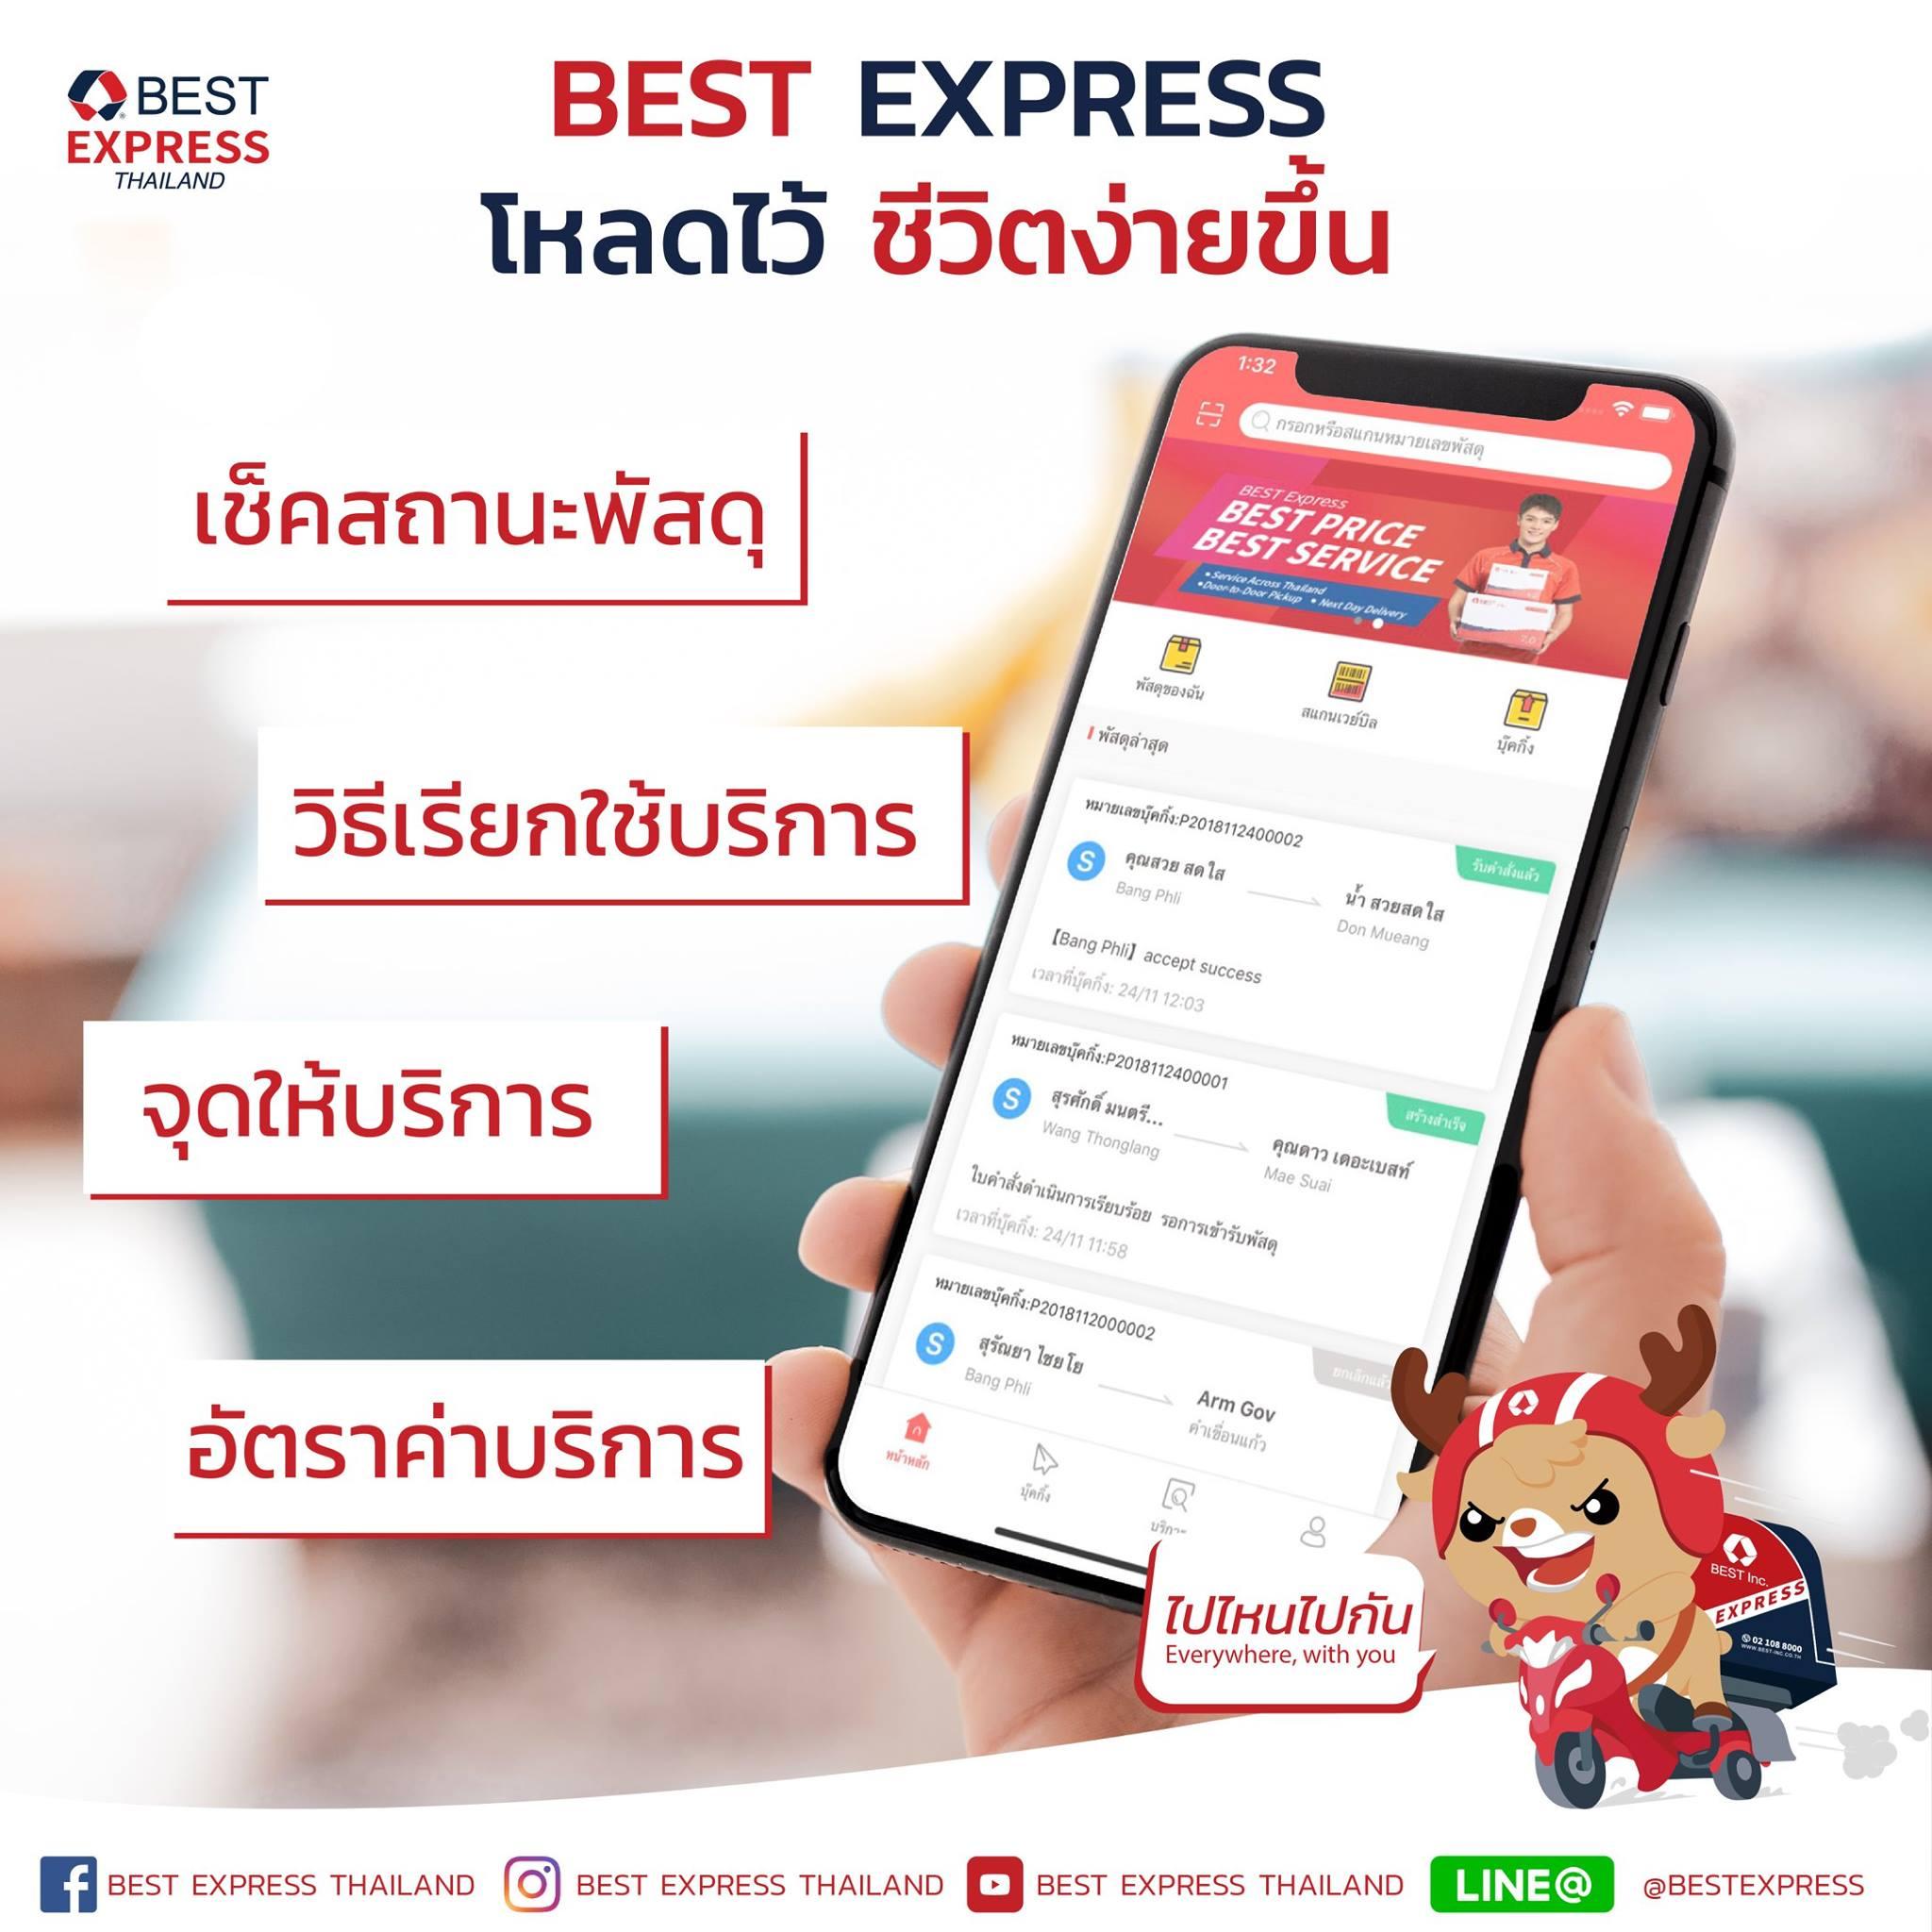 [แอพพลิเคชั่น] เบสท์ เอ็กซ์เพรส (Best Express)